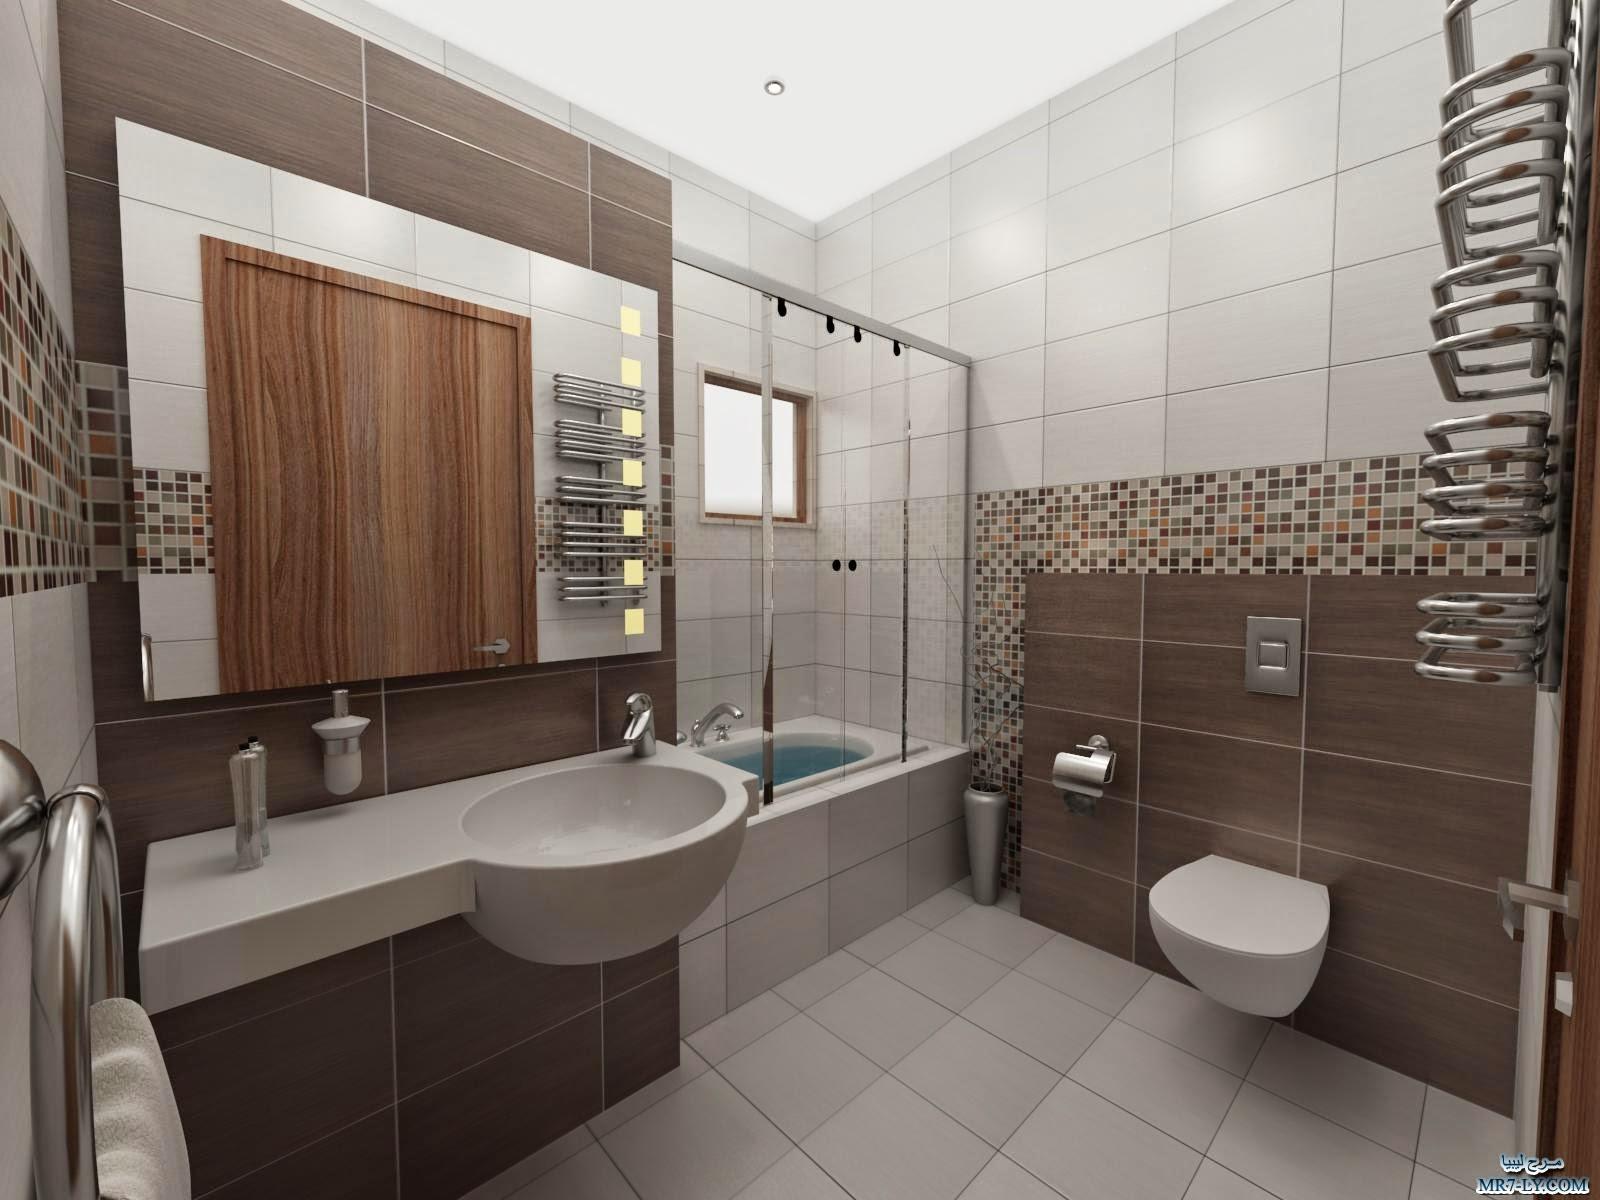 بالصور ديكور حمامات منازل , ديكورات تناسب جميع مساحات الحمامات 3254